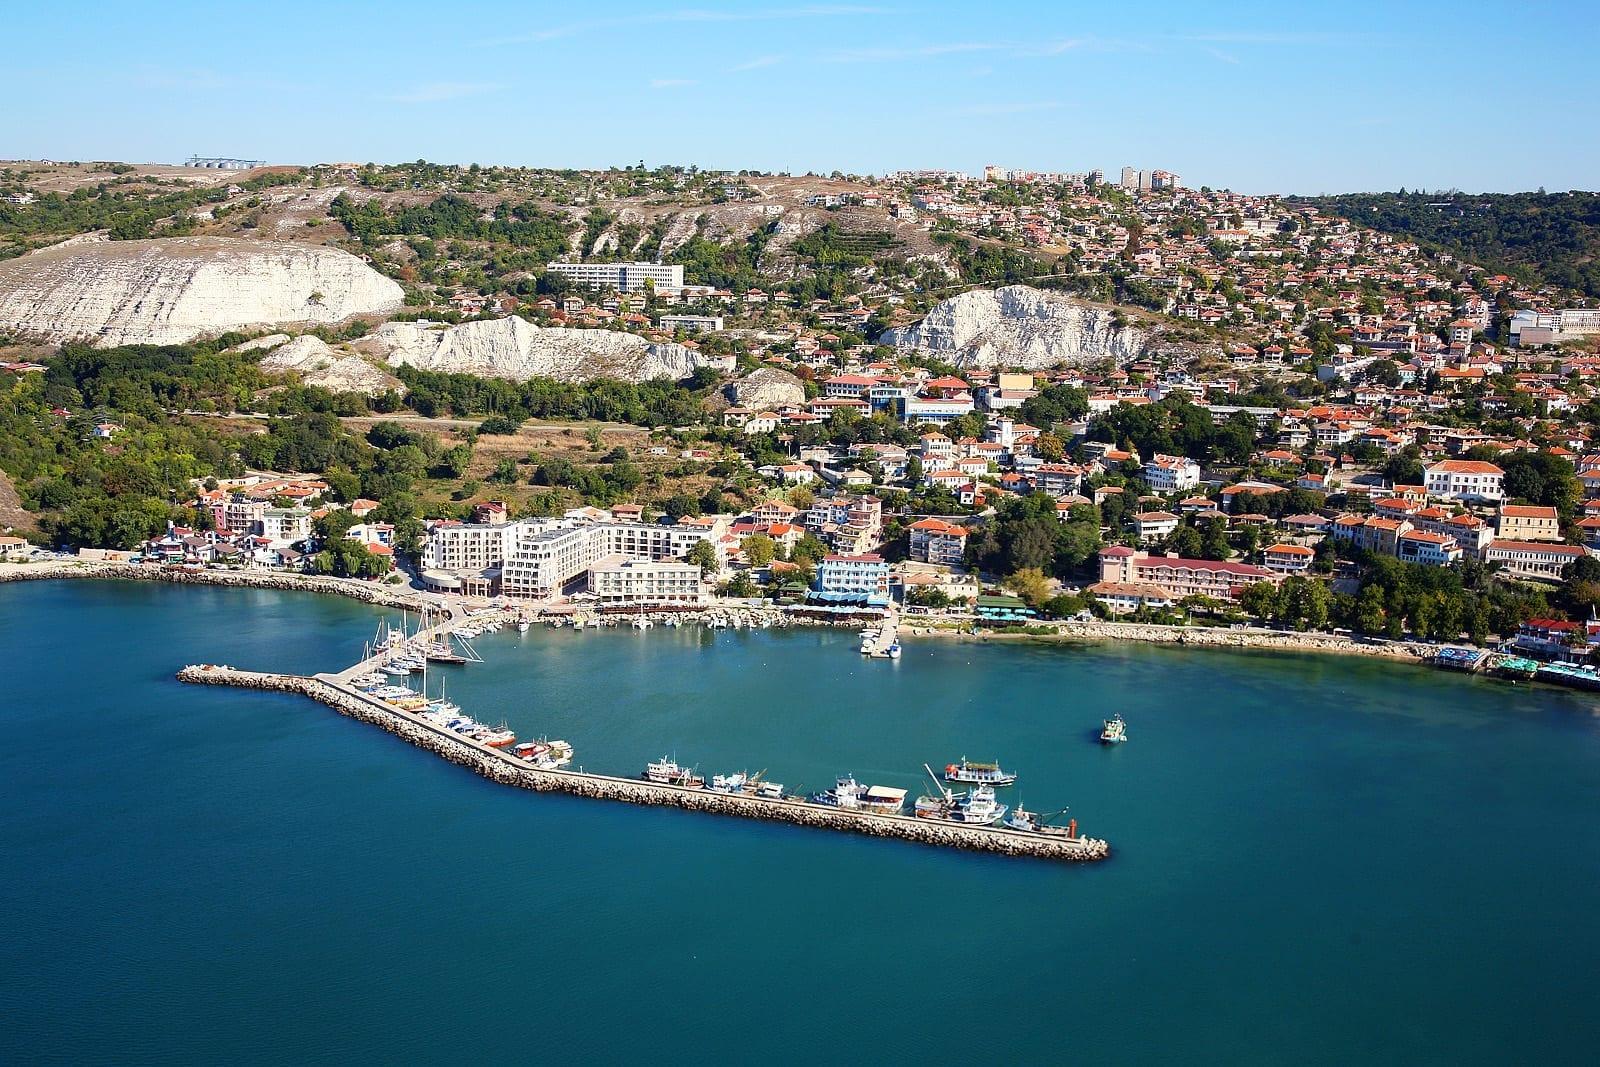 Vista aérea de Balchik Balchik Bulgaria